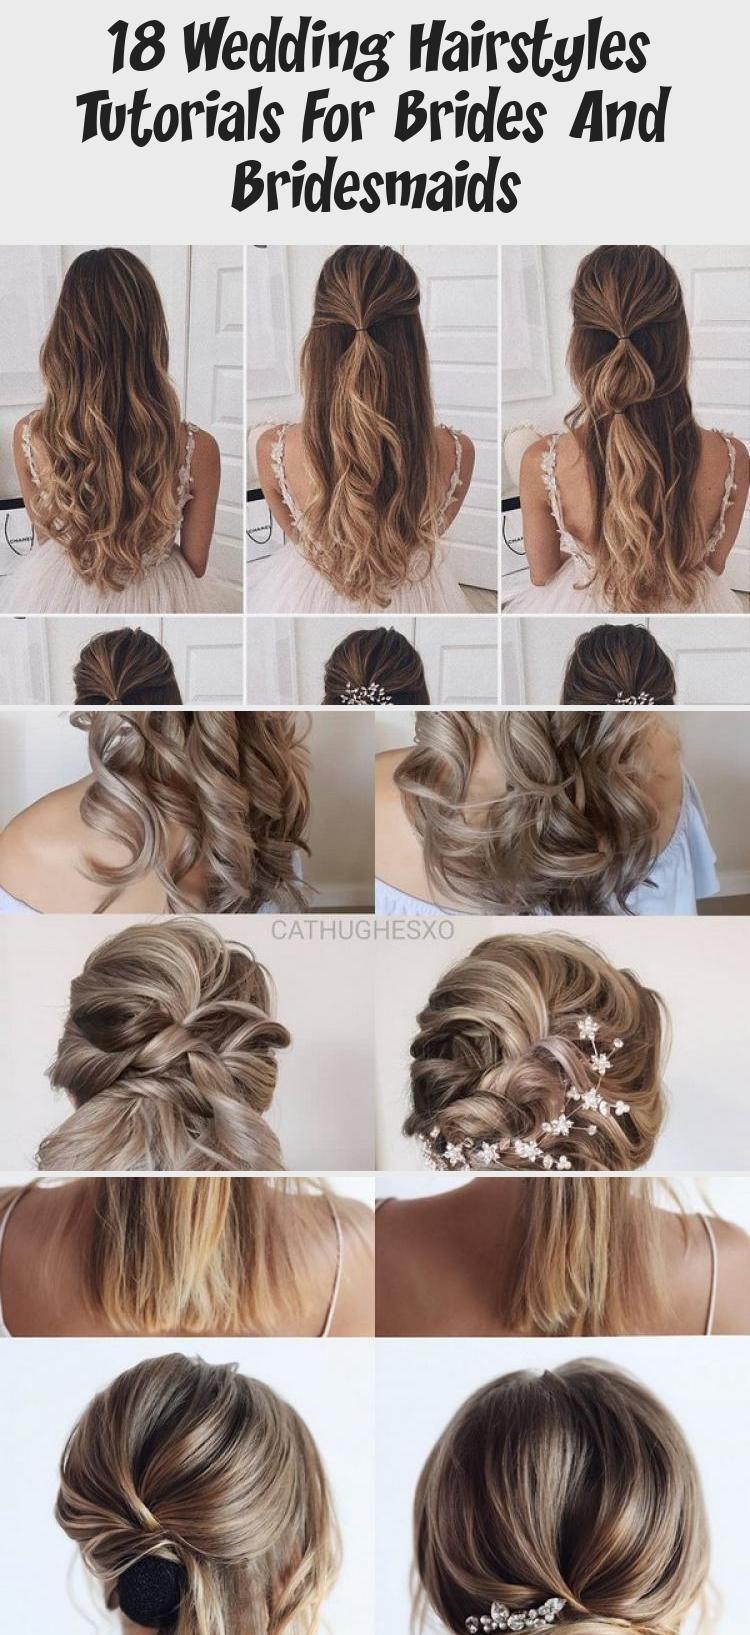 tonyastylist diy hochzeitsfrisur tutorial #wedding #weddingideas